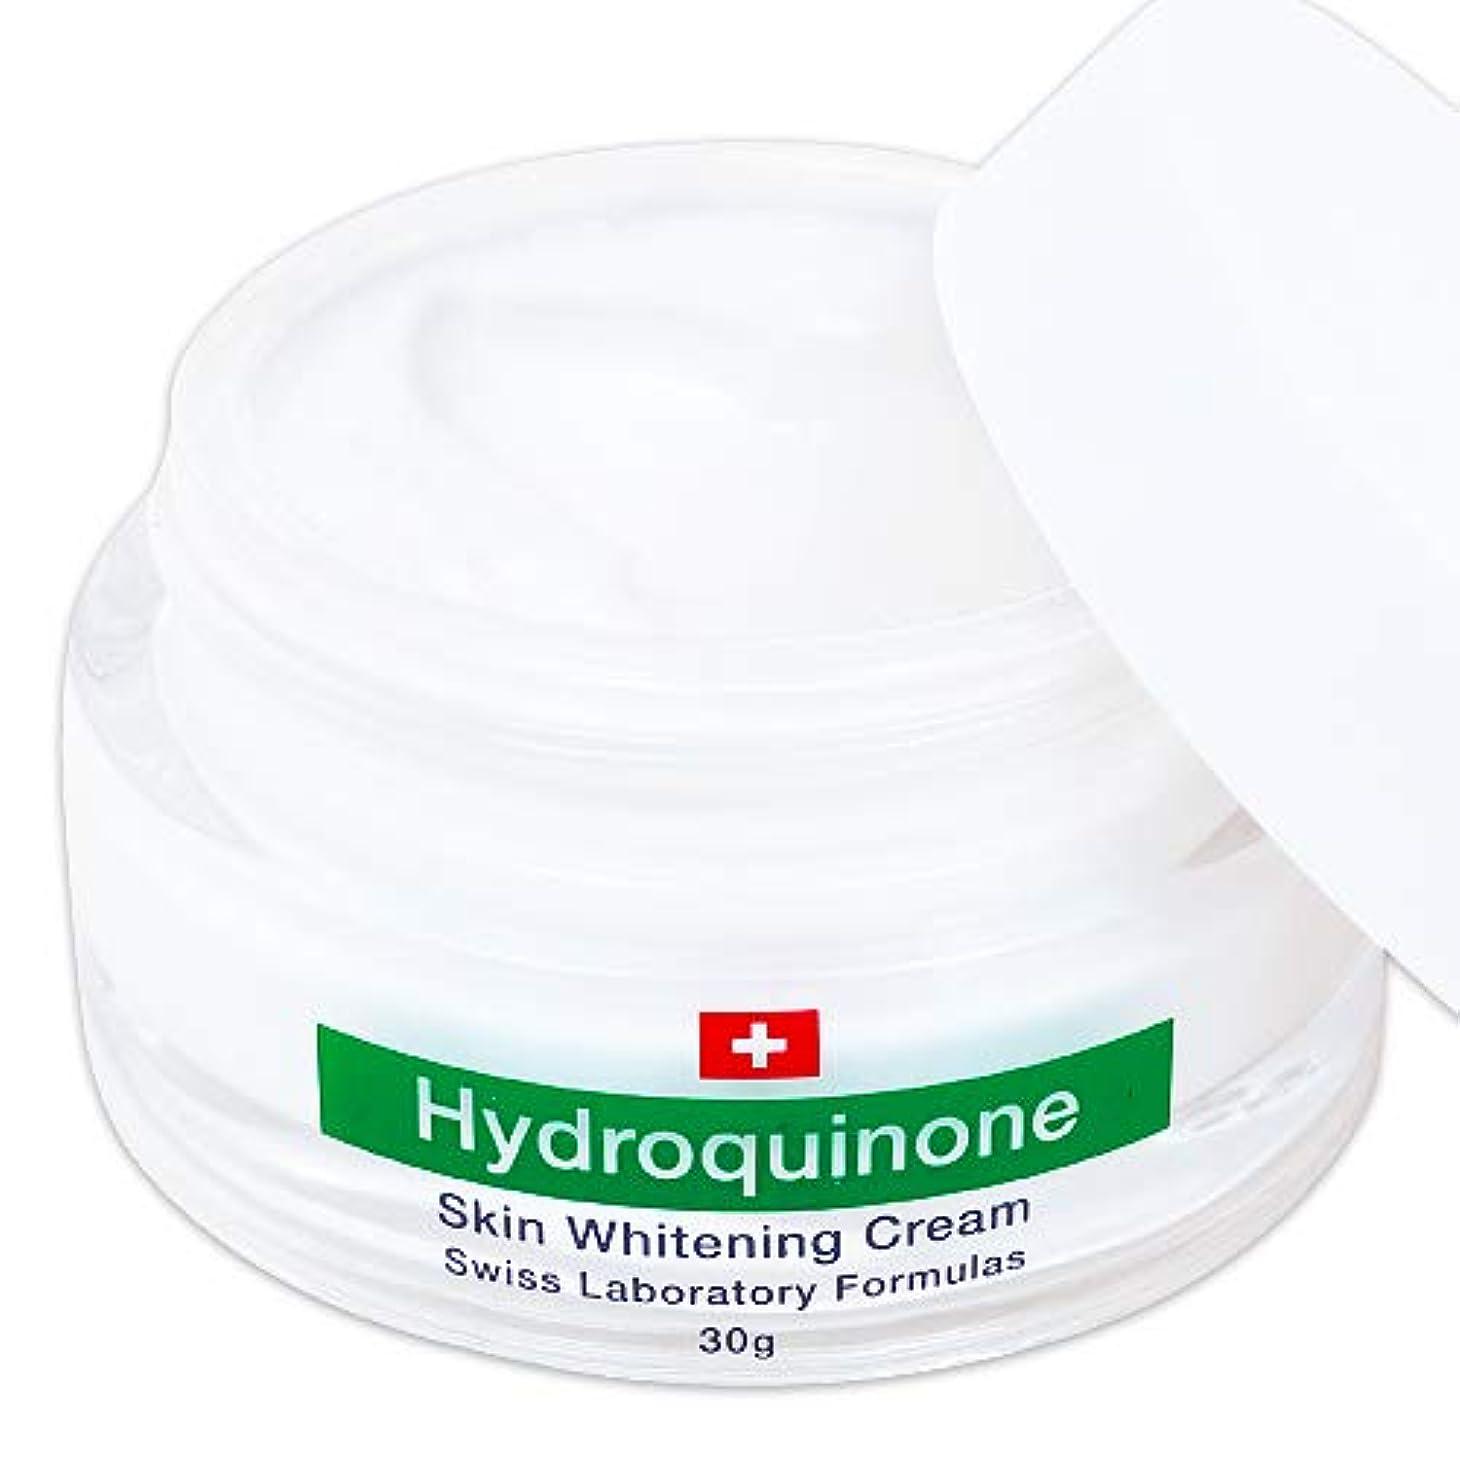 トロピカル迷惑最大限スイス発 ハイドロキノン 3% 集中 美白 クリーム [並行輸入品]